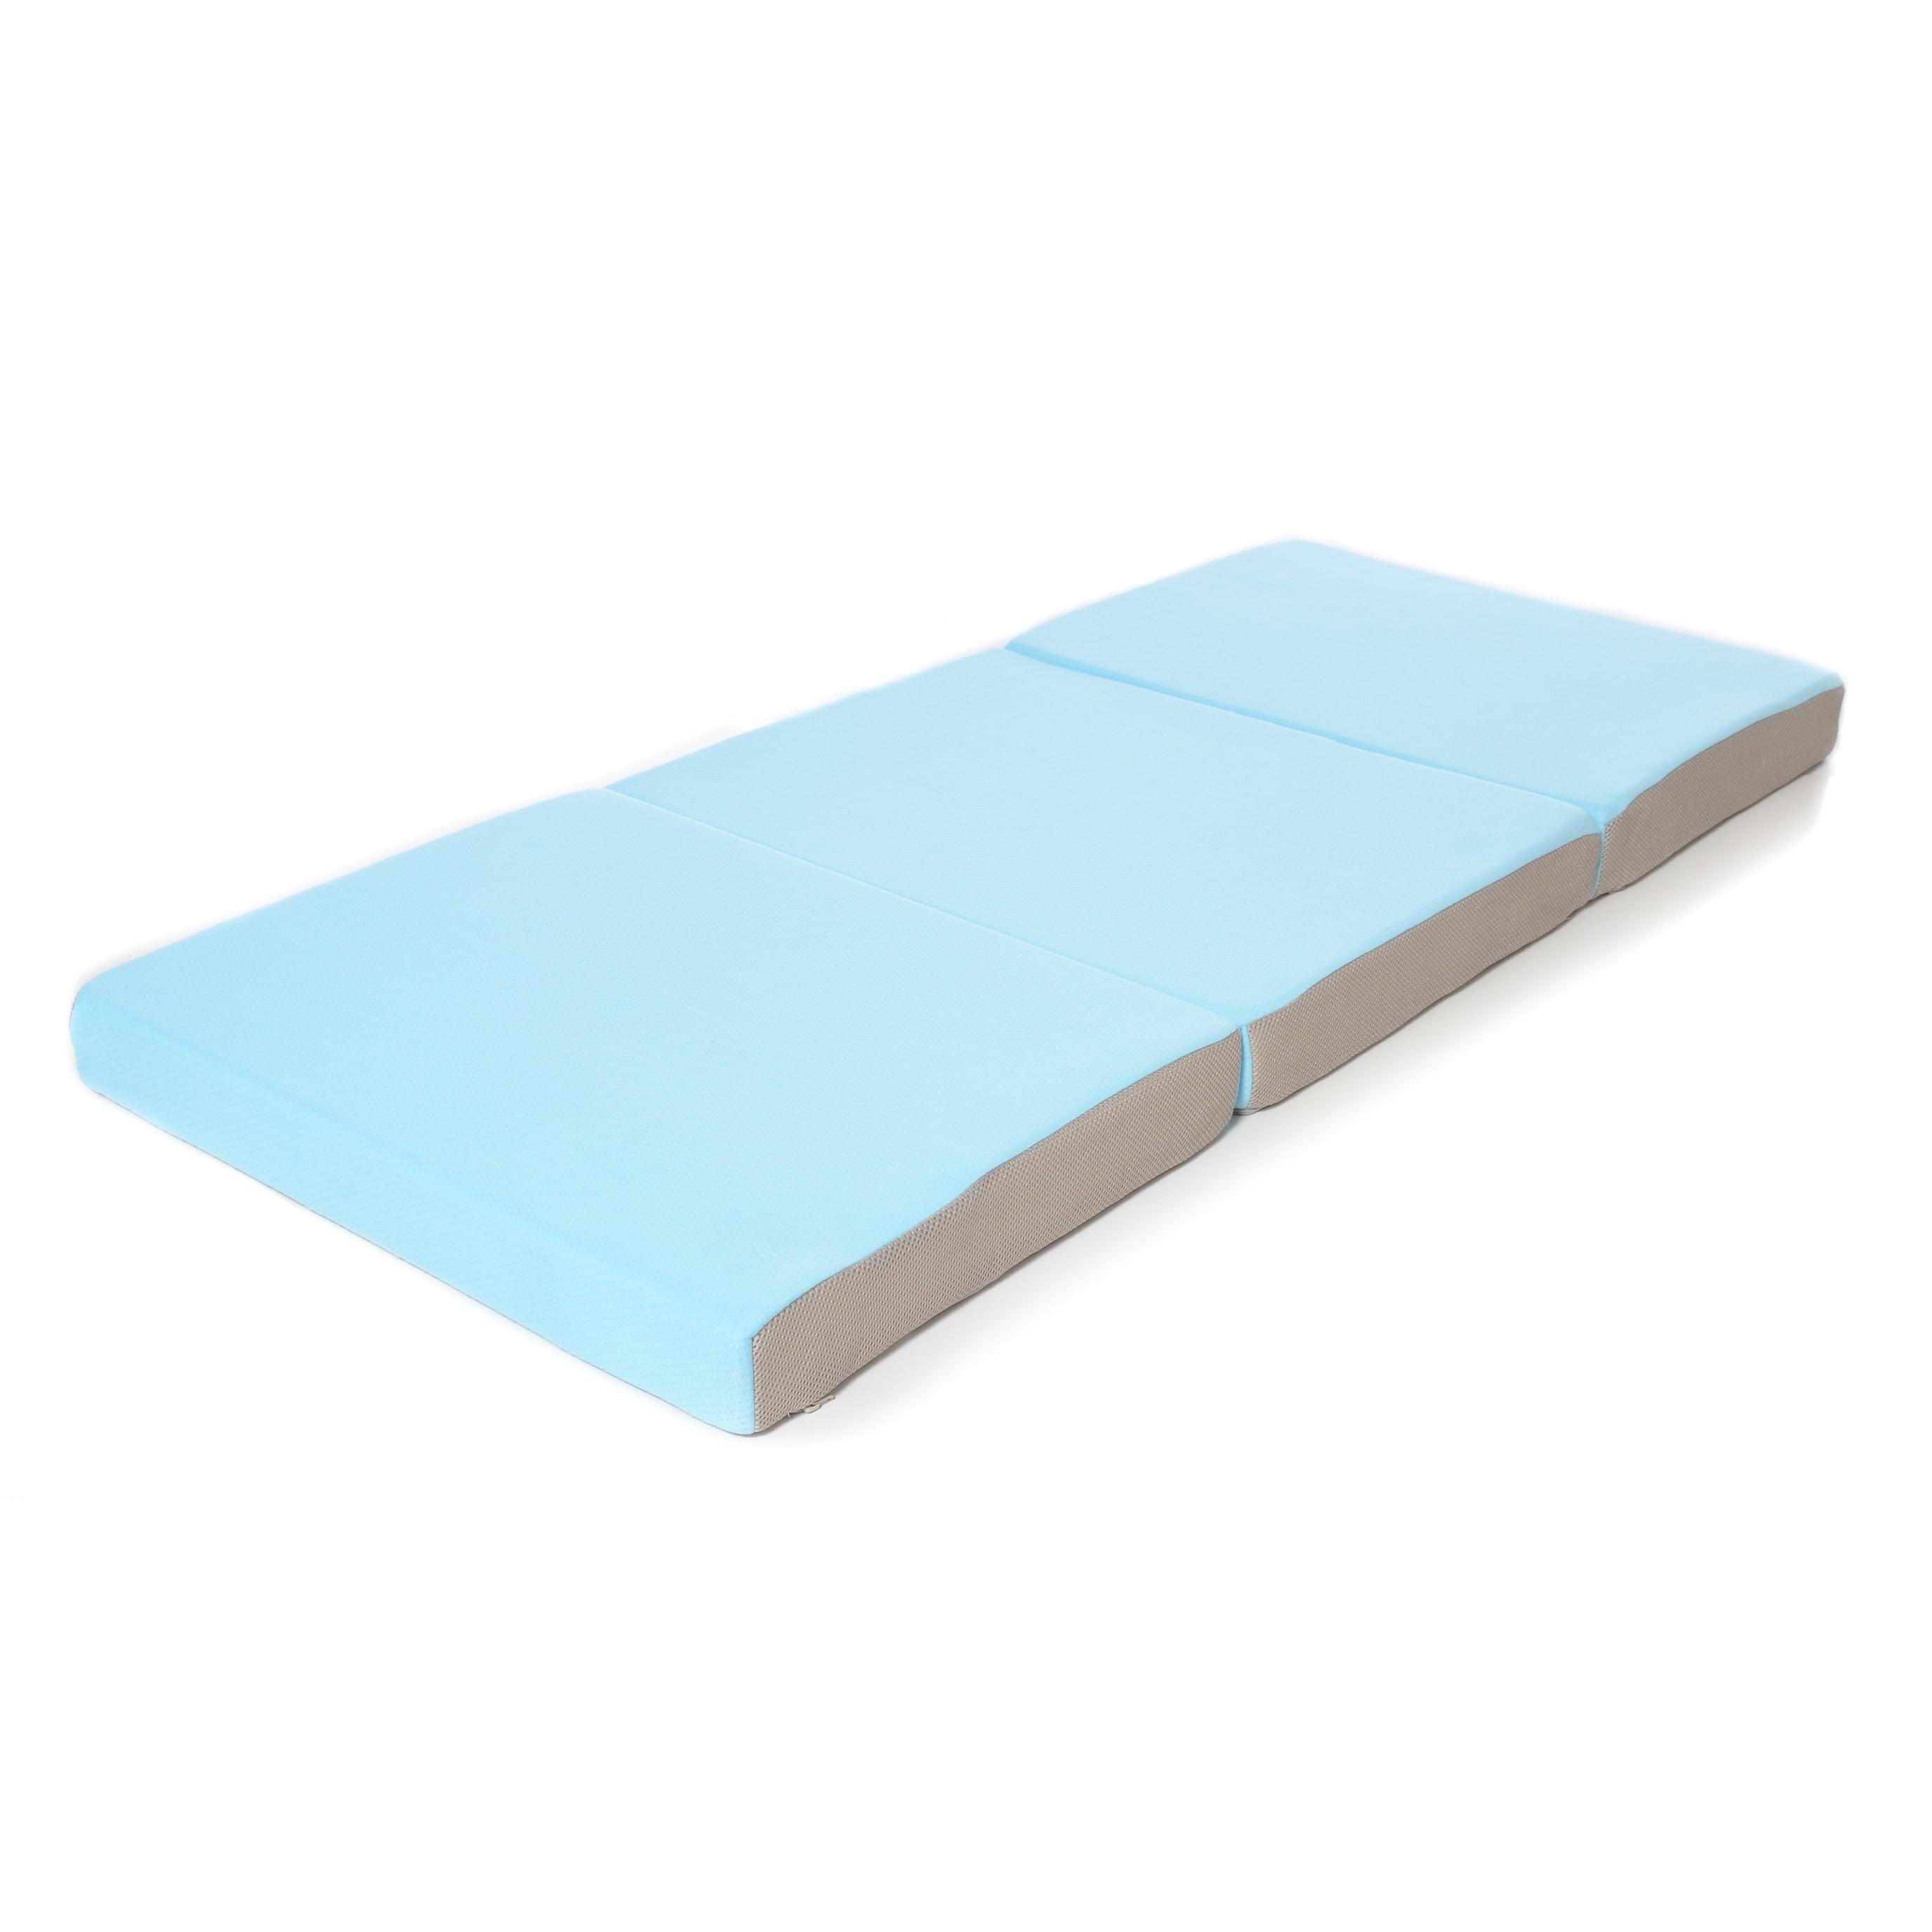 Milliard Toddler Nap Mat, Folding Foam Mattress with Soft...